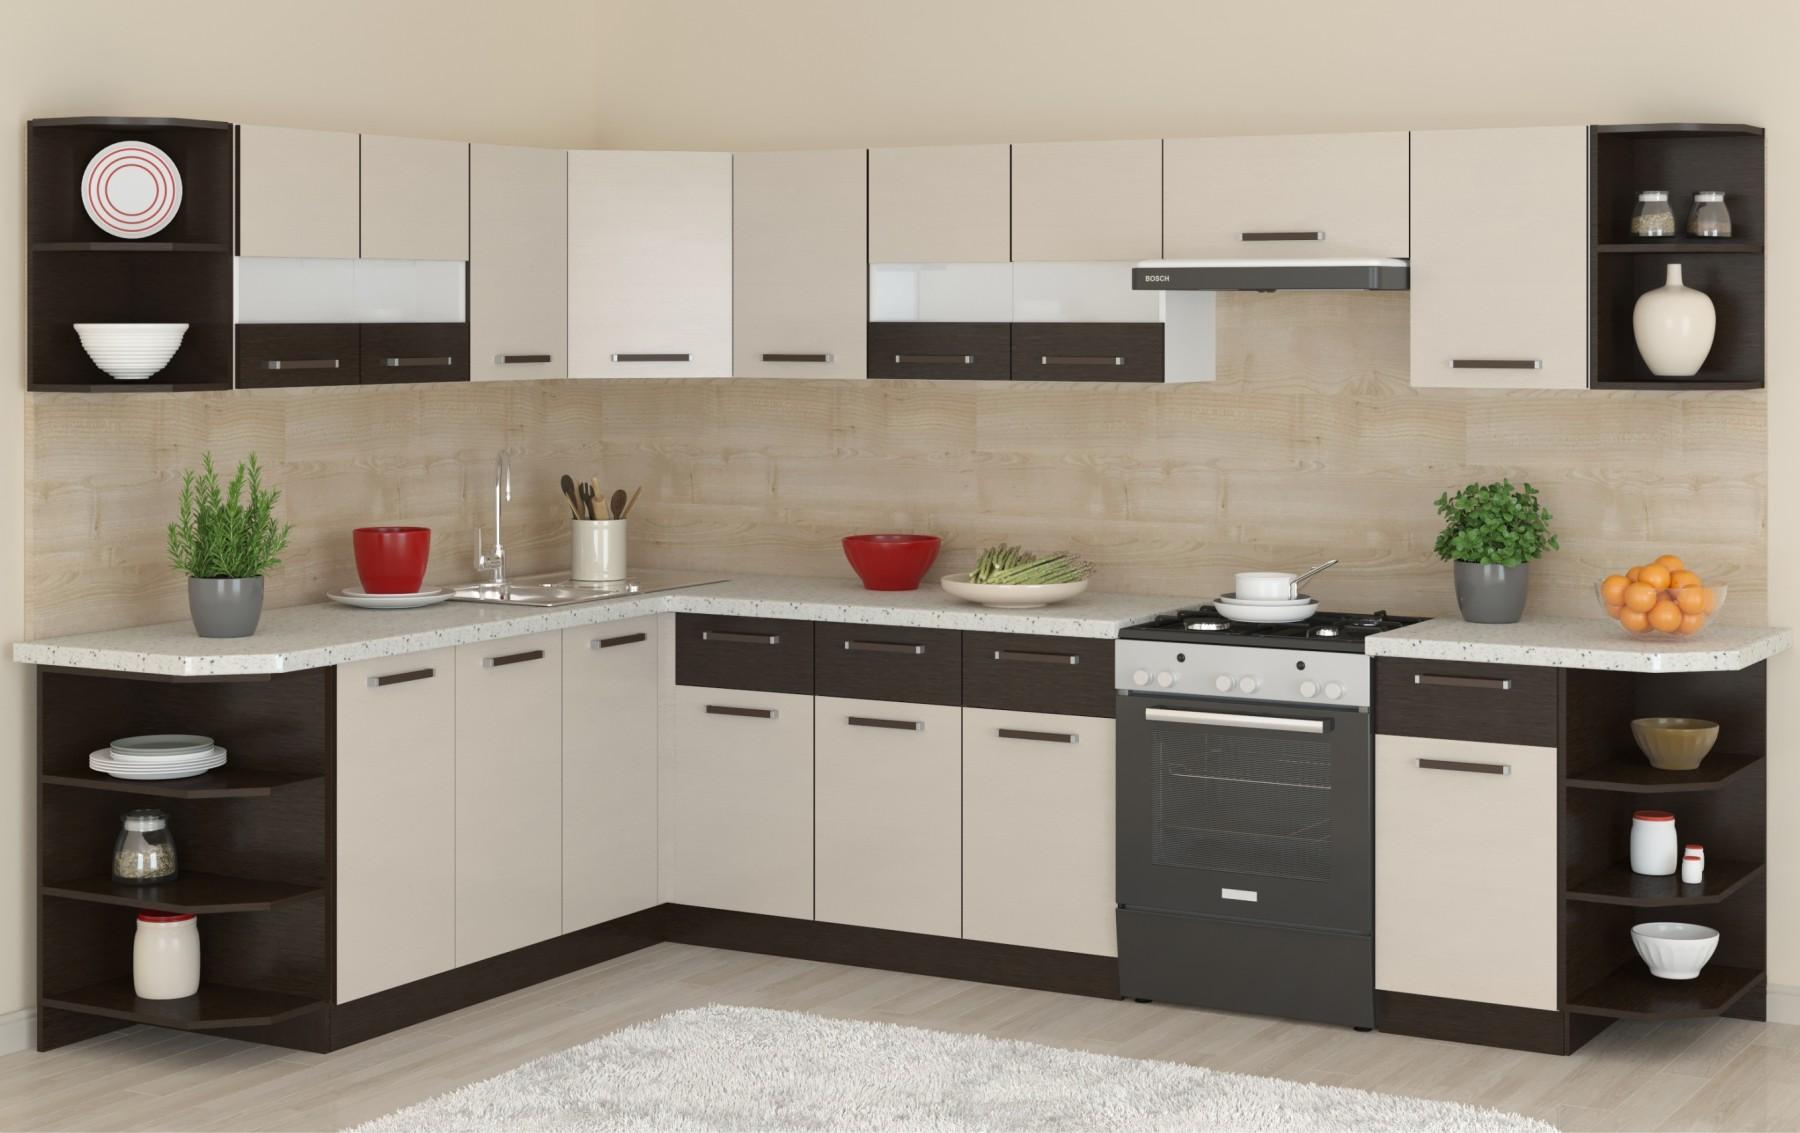 Кухонная мебель от МебельОк